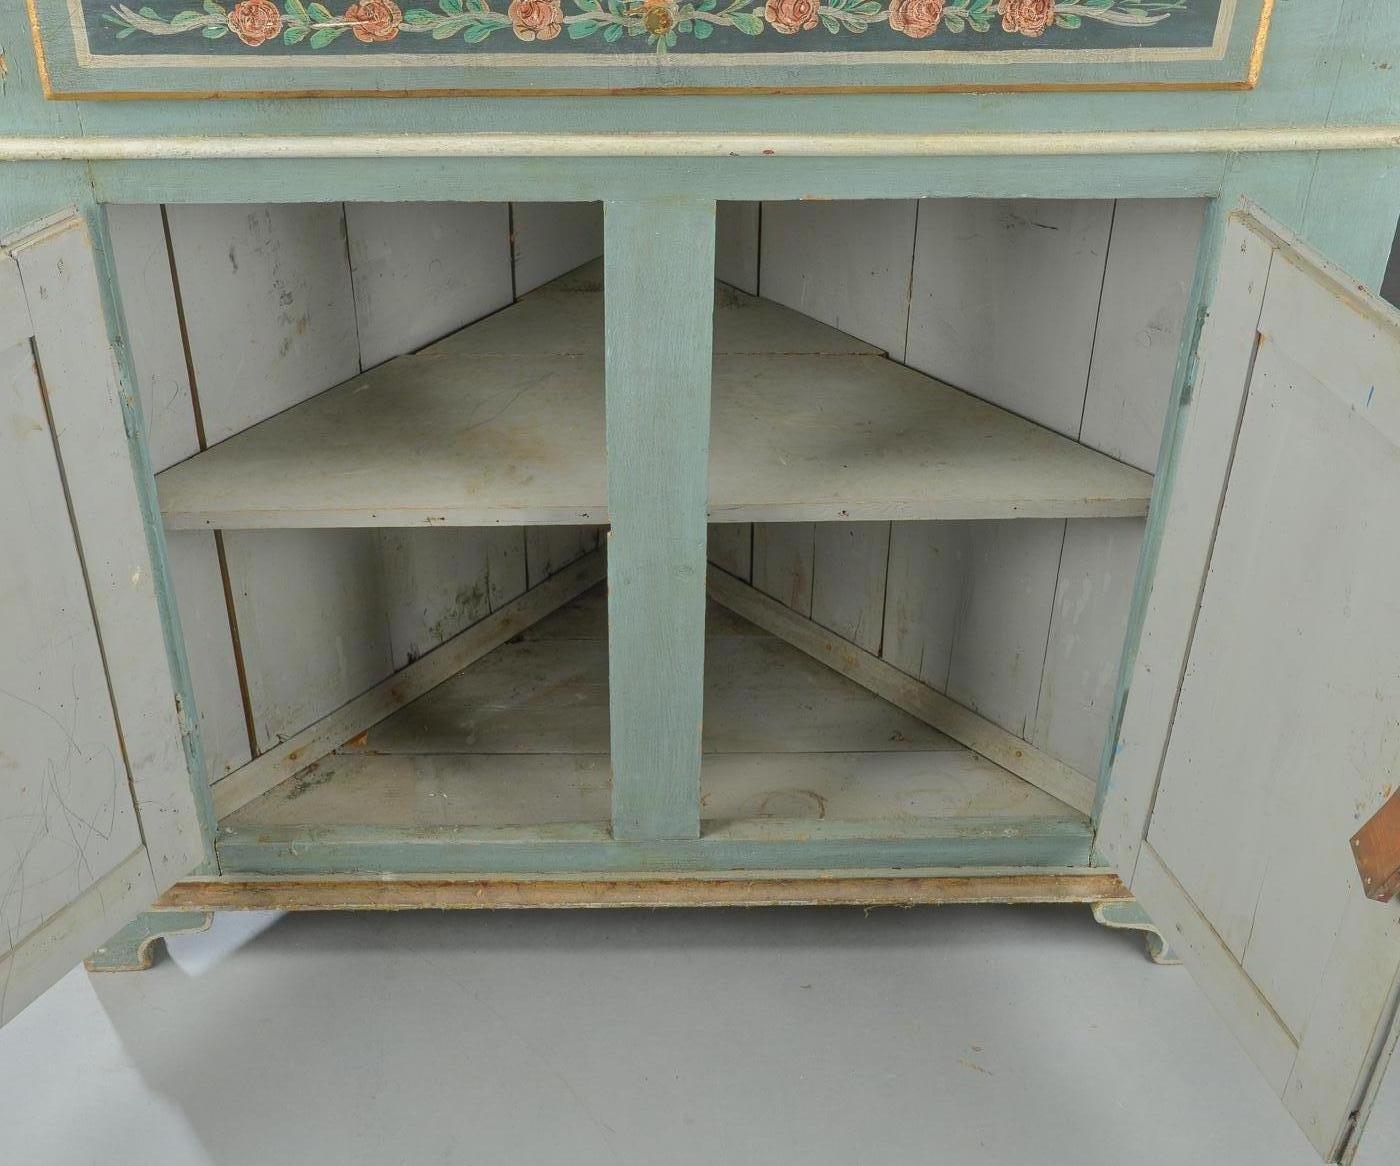 Credenza Con Vetrina Fine 800 : Credenza gustaviana ad angolo con vetrina in vendita su pamono